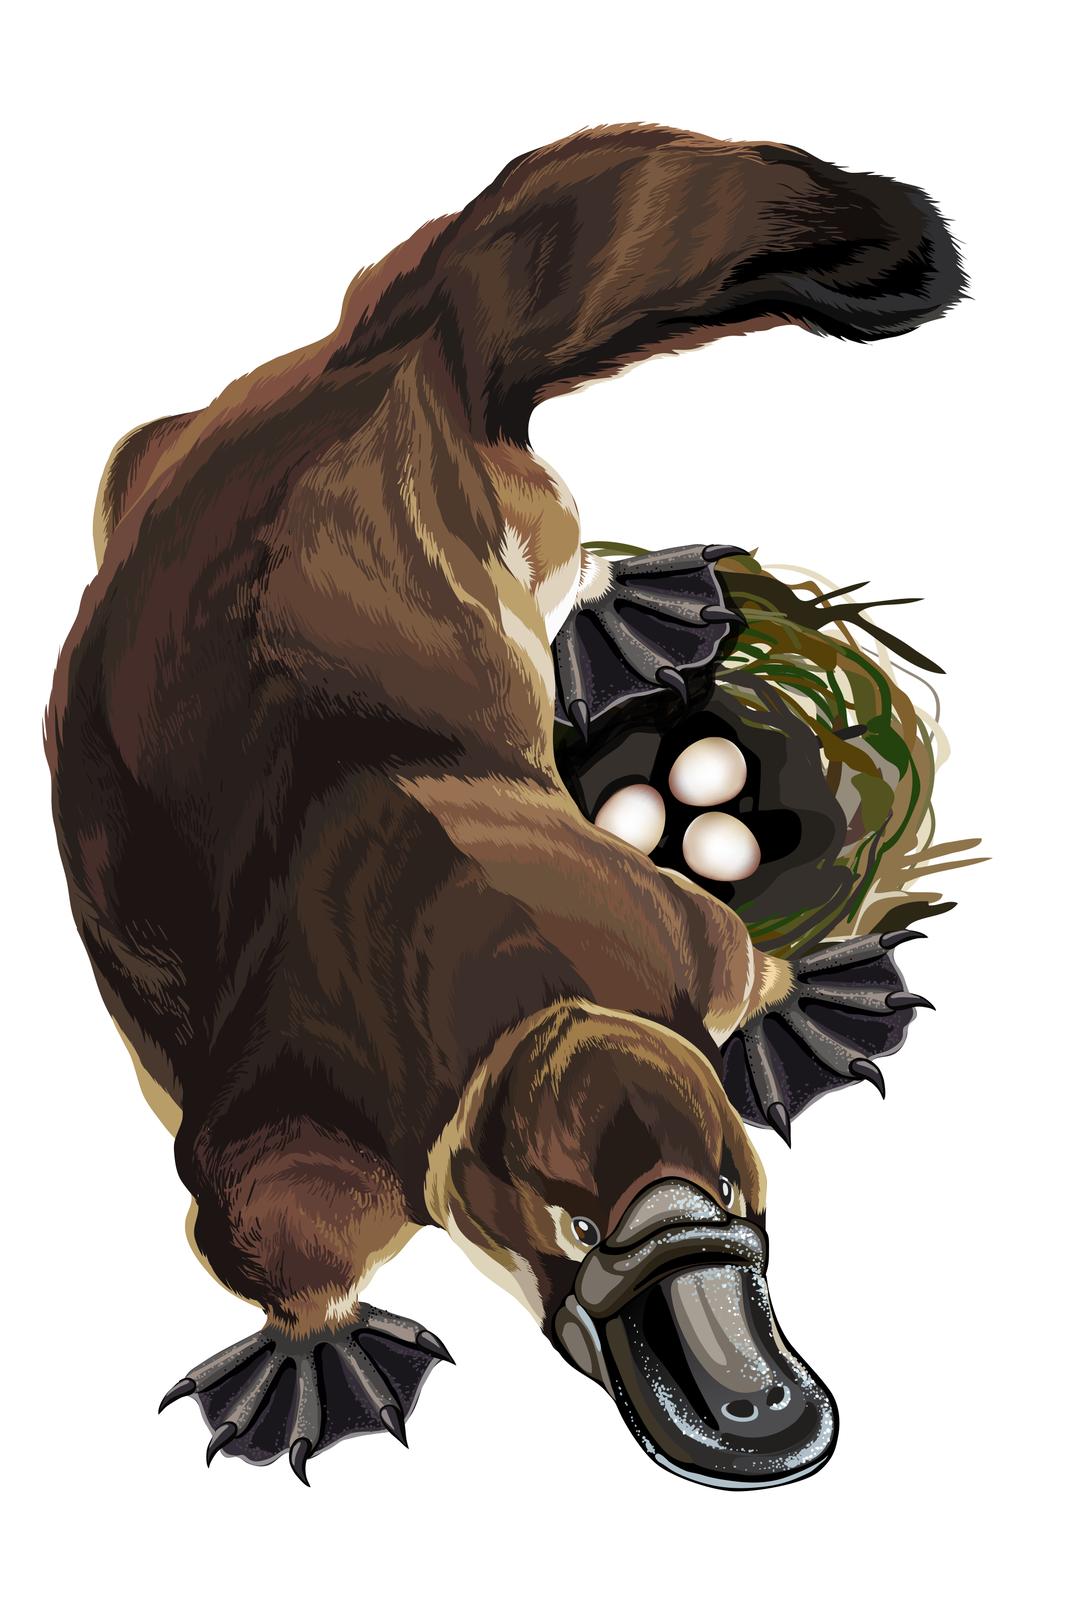 Ilustracja przedstawia brązowego dziobaka zgóry. Zwierzę ma głowę udołu, zszerokim, czarnym dziobem. Zaraz za nim małe szare oczy. Po bokach łapy zpalcami, spiętymi czarna błoną pławną. Ugóry gruby, wygięty wprawo ogon. Po prawej oliwkowe gniazdo ztrzema białymi jajami.